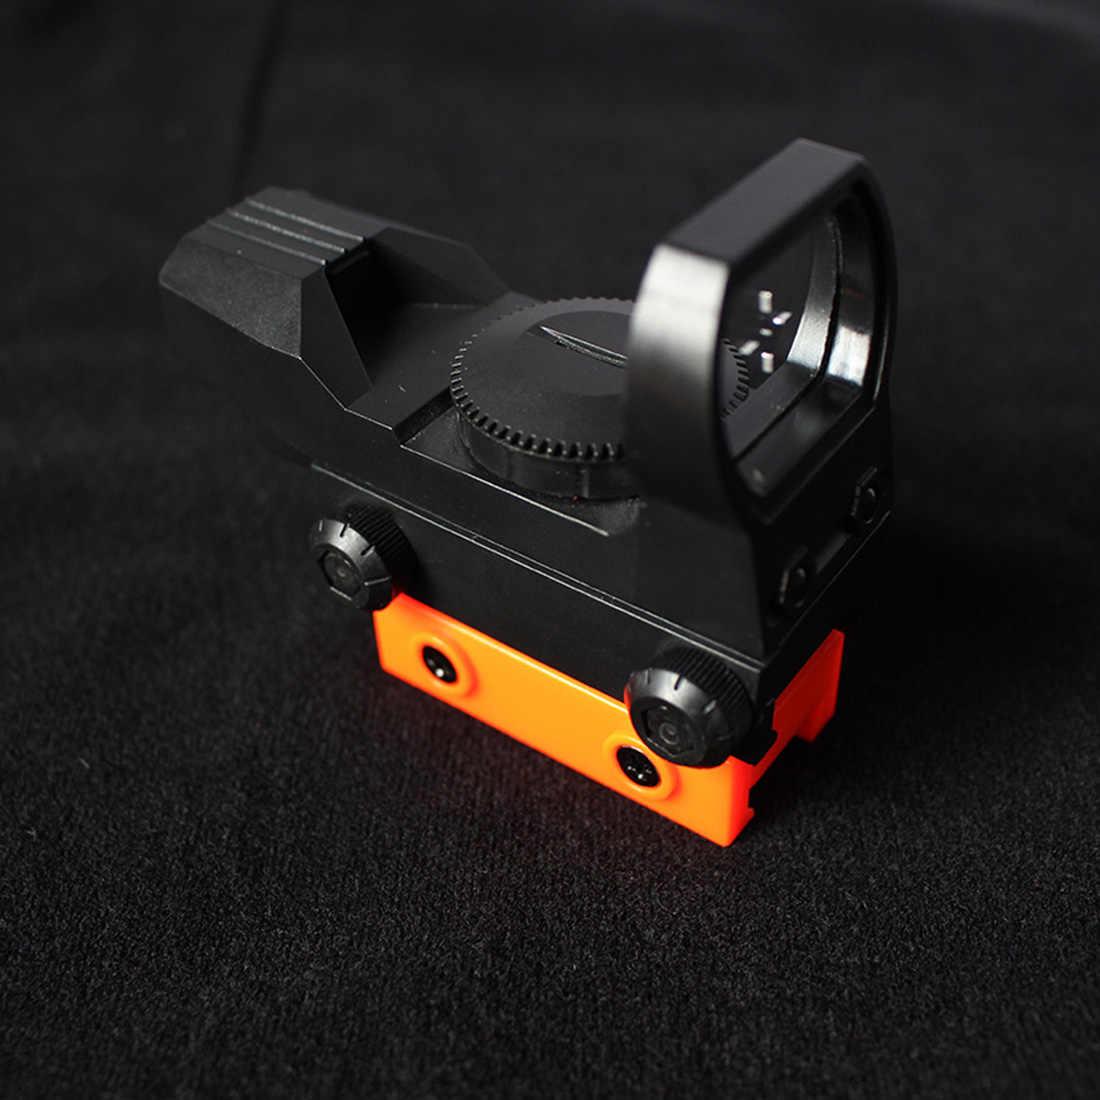 Bewerkt Decoratieve Sight Vier Type Doel Punt Sight Voor Nerf Series Blasters/Stryfe/Retaliator/Rapidstrike/Modulus regulator